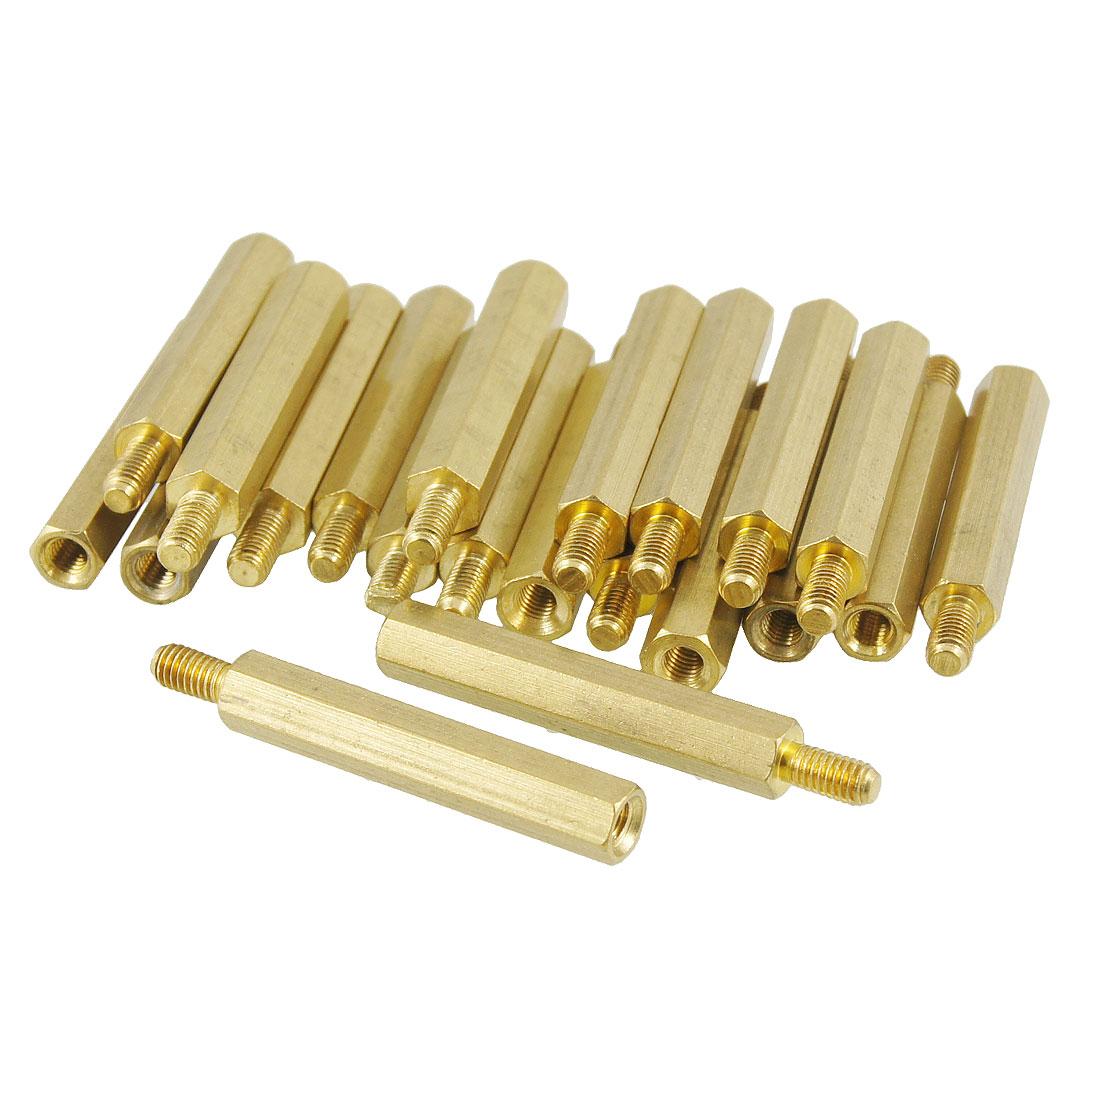 20 Pcs M3 Male x M3 Female 28mm Body Gold Tone Hex PCB Standoff Spacers